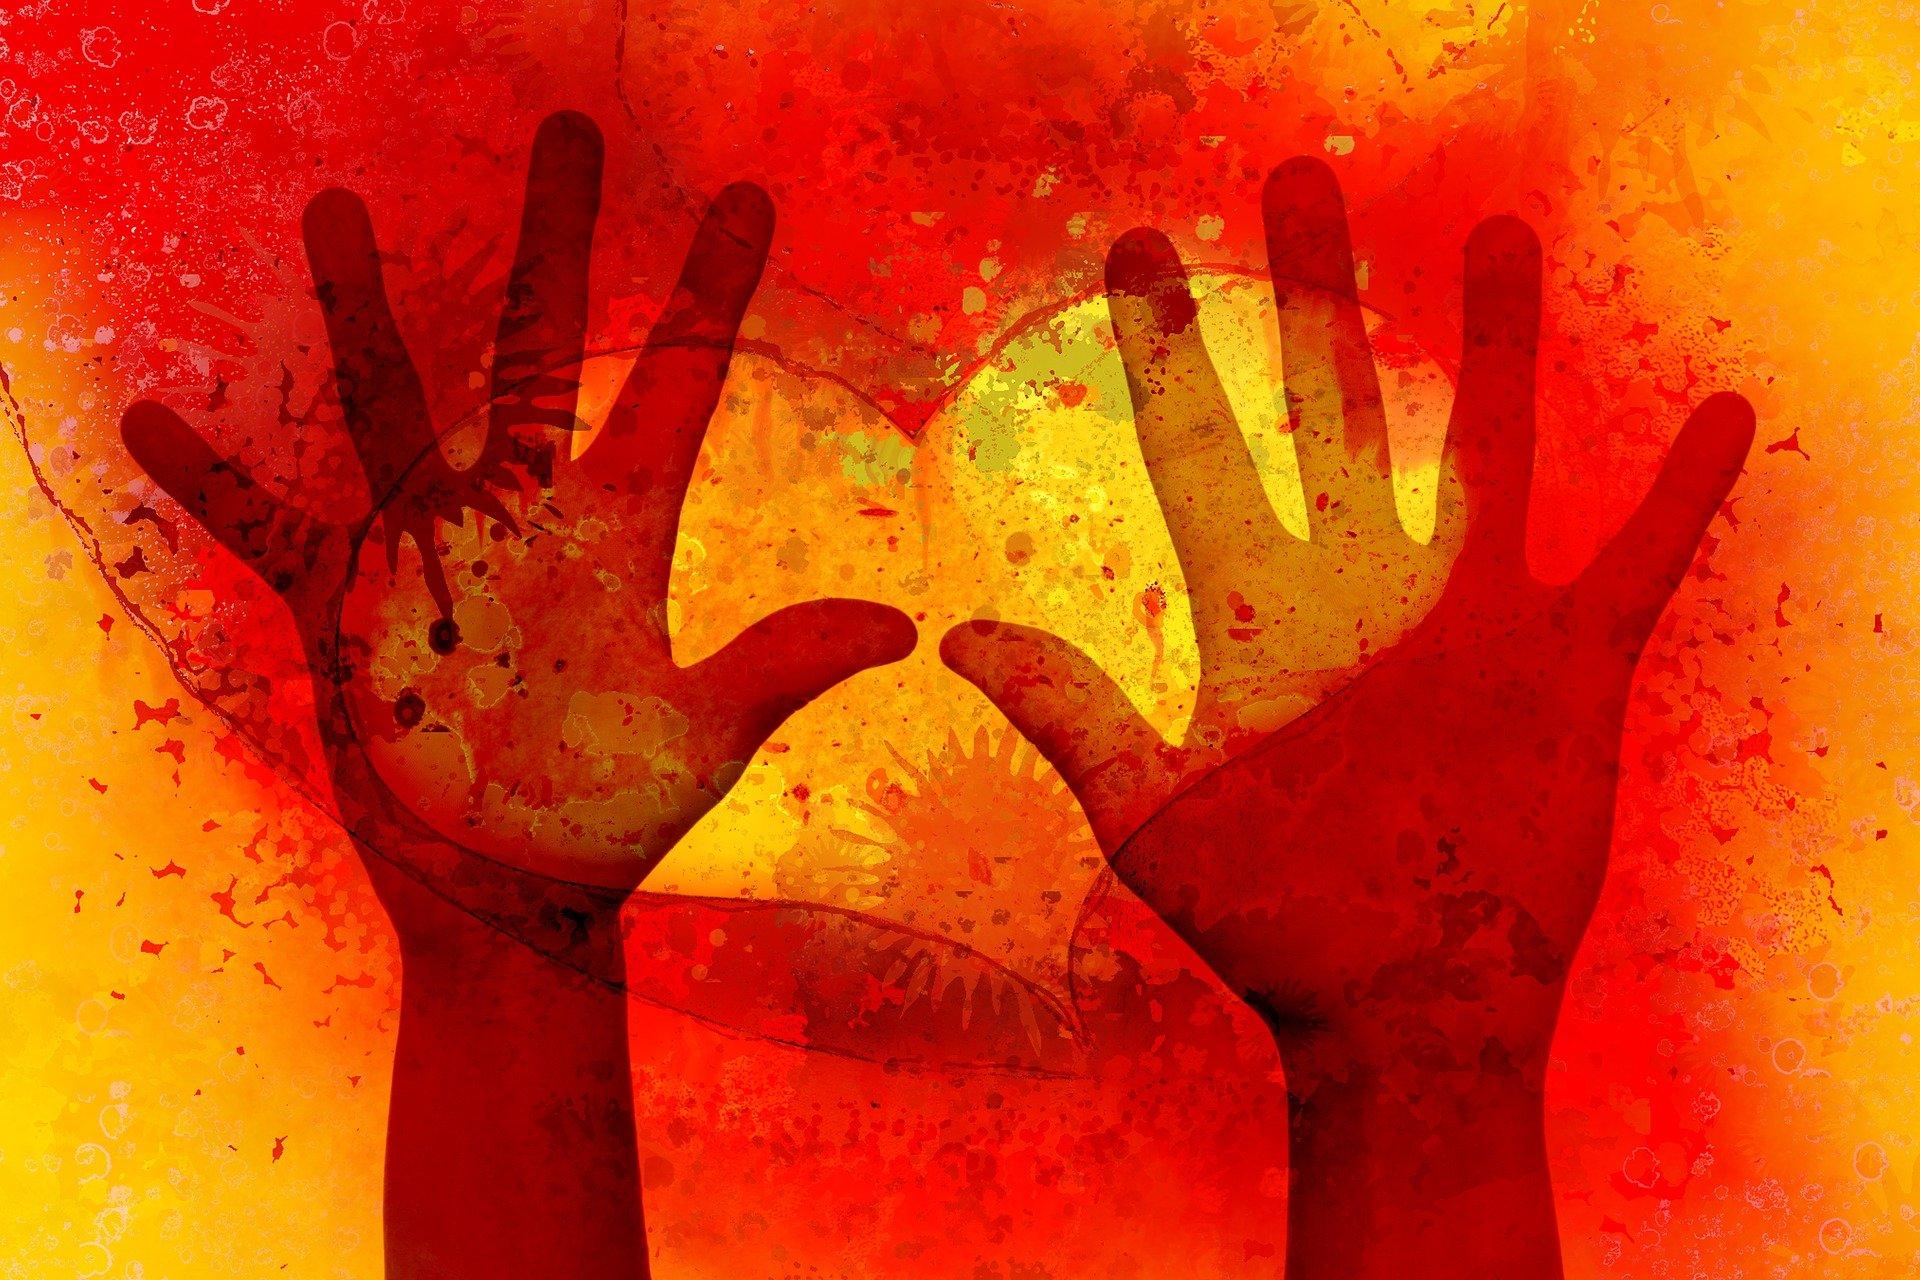 volunteering hands and heart